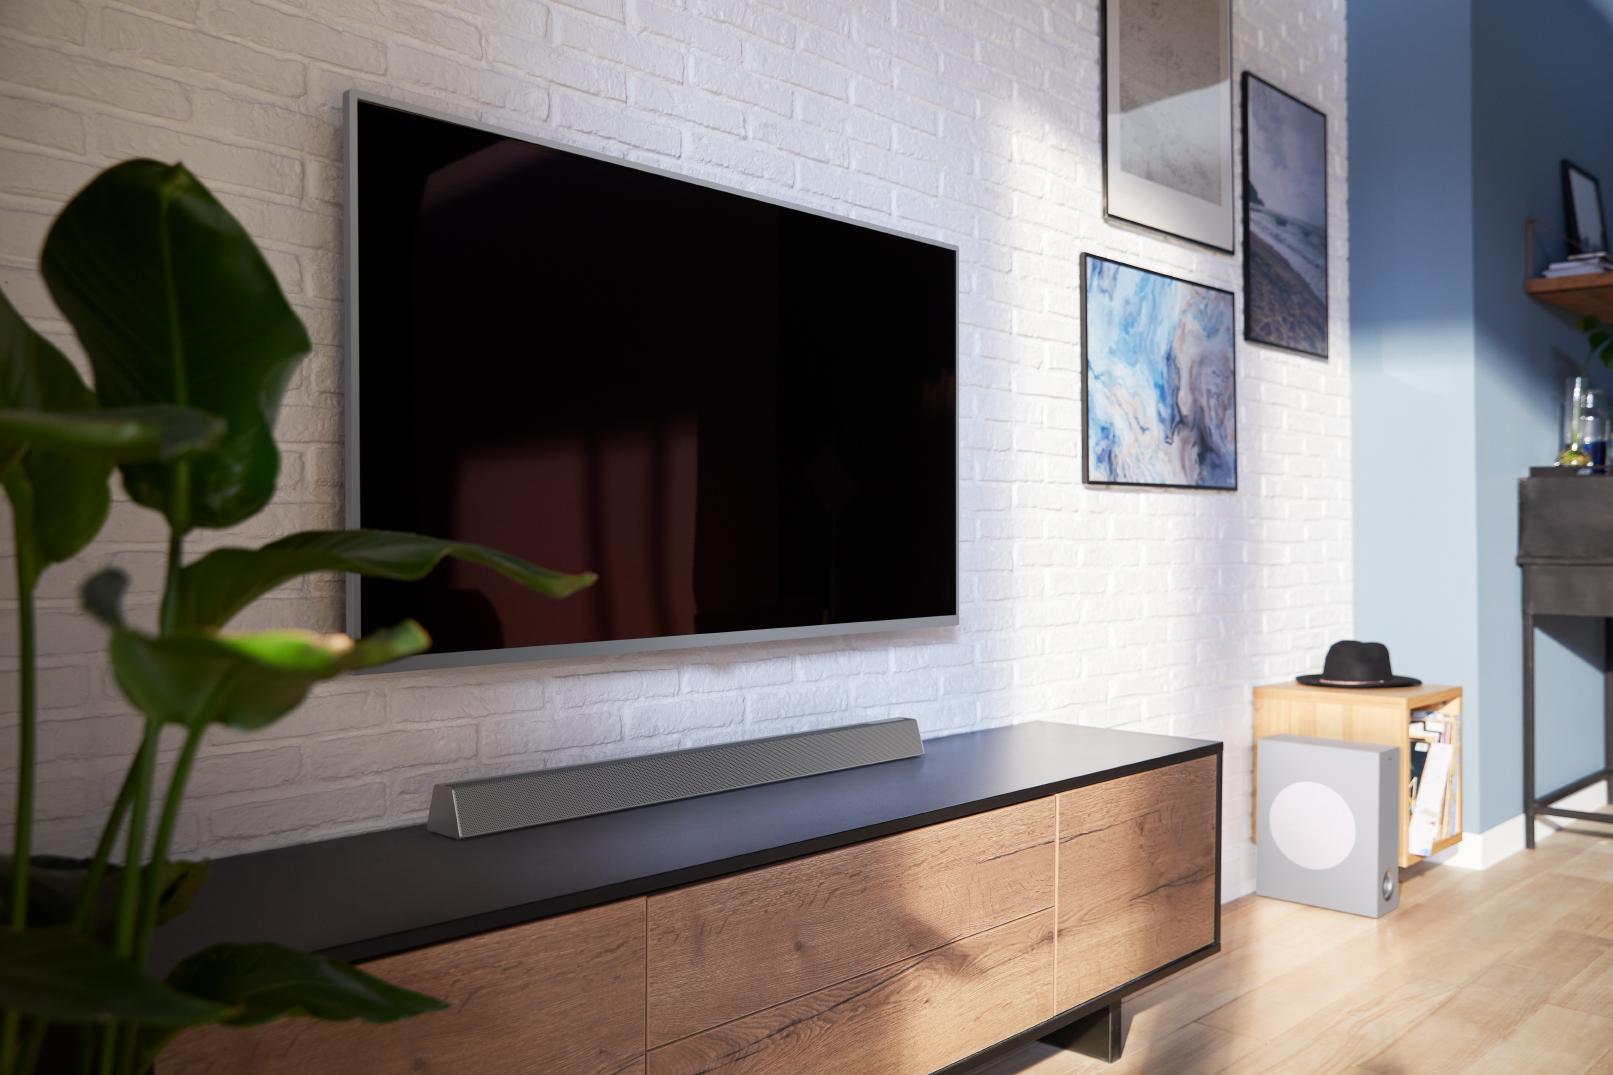 Soundbar je jednodijelni ili dvodijelni sustav koji djeluje kao zvučnici za vašu 4K televiziju